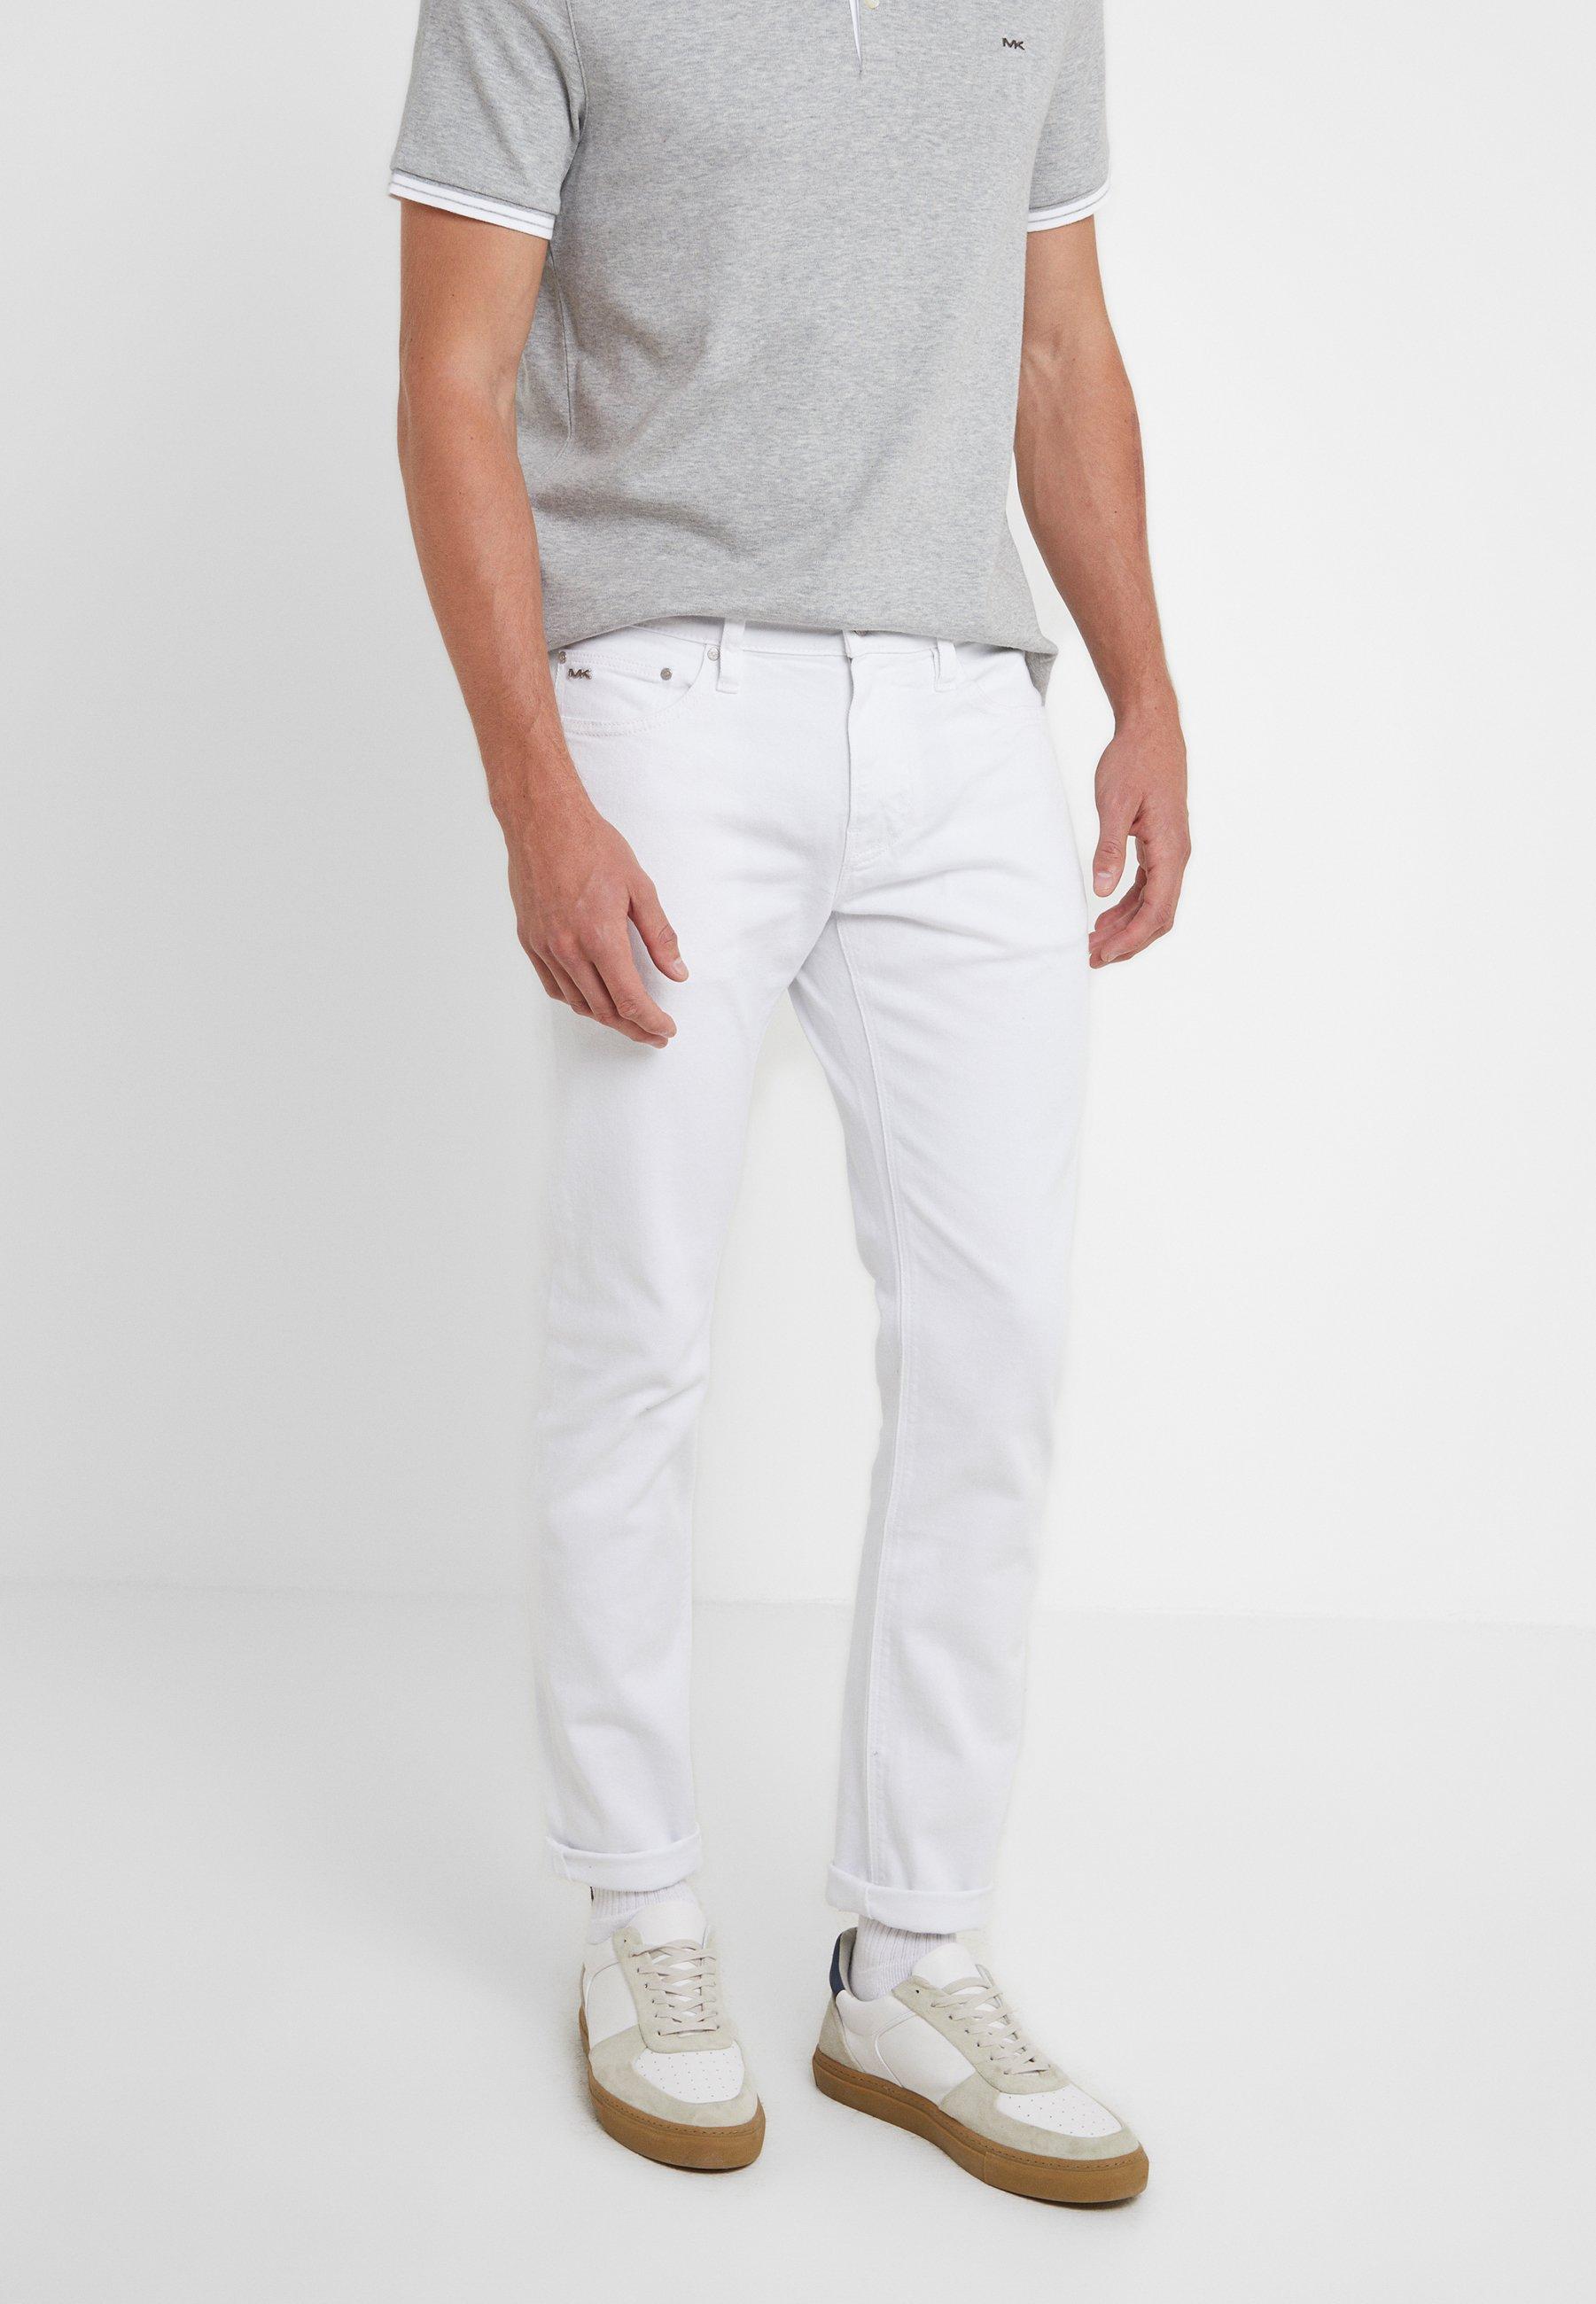 Jeans Kors SkinnyWhite Kors Michael SkinnyWhite Jeans Michael Michael Kors SkinnyWhite Michael Kors Jeans htQrdsC